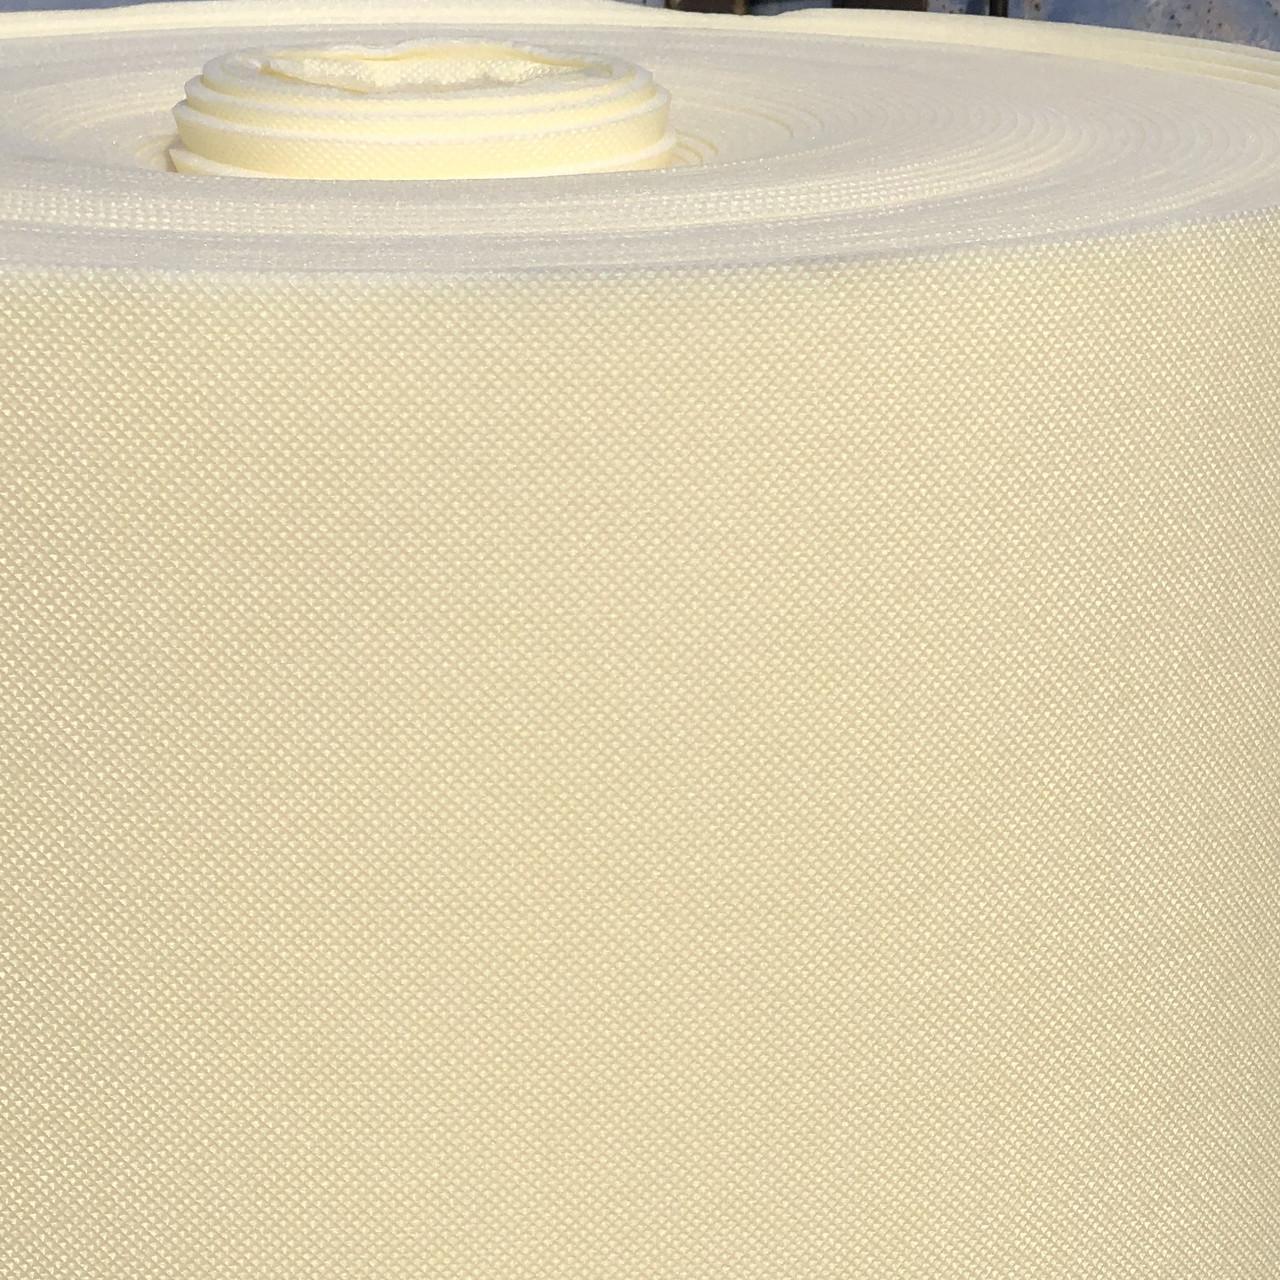 Вспененный полиэтилен для производства одноразовых тапочек 4мм, химически сшитый ППЭ Полифом, белый 1,2х50м